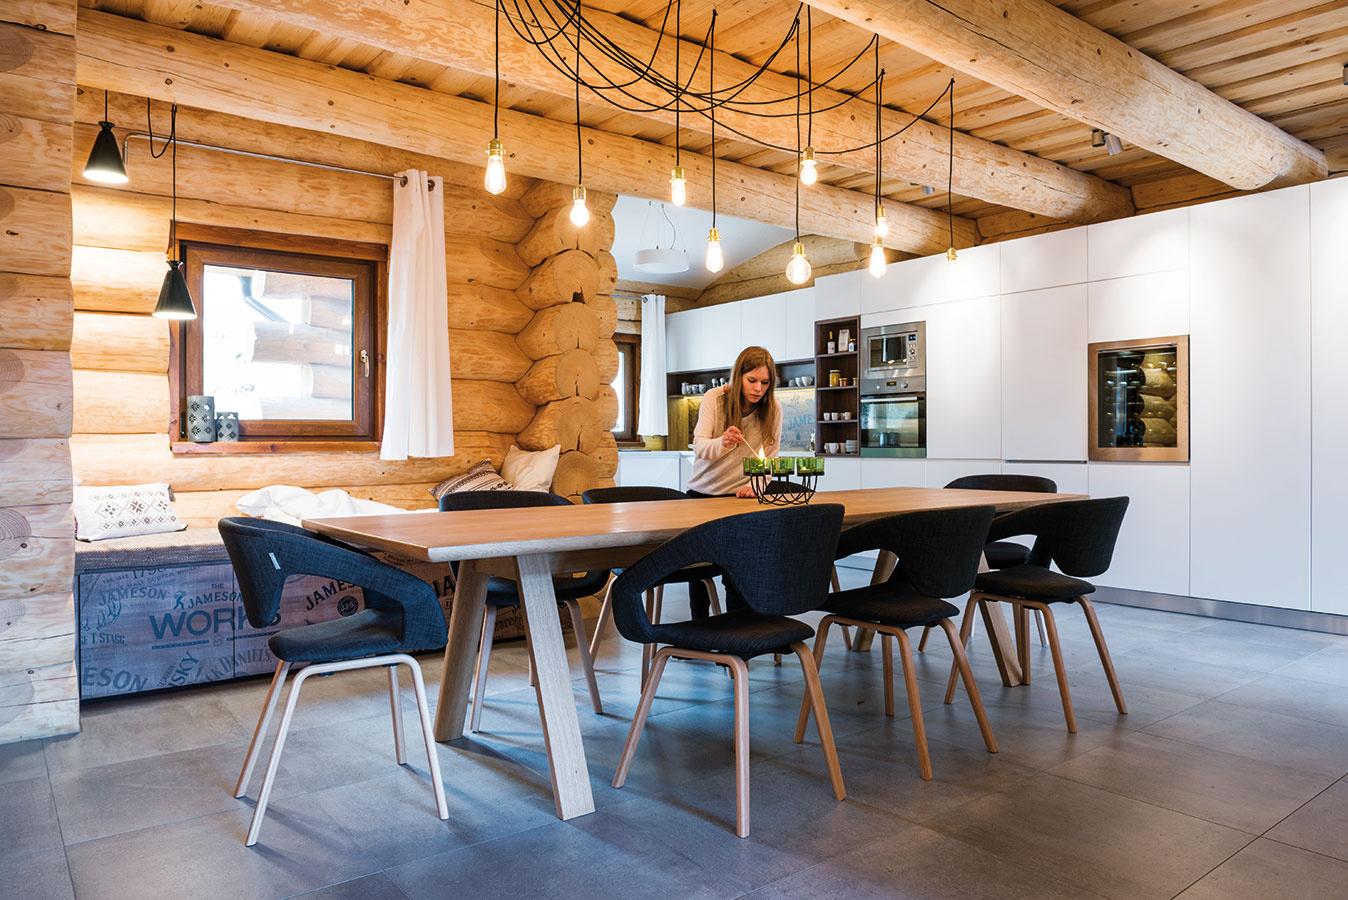 Kuchyňa ajedáleň si oproti pôvodne navrhnutej dispozícii vymenili miesto. Jedáleň tak získala viac priestoru aj príjemnejšiu polohu vblízkosti kozuba.